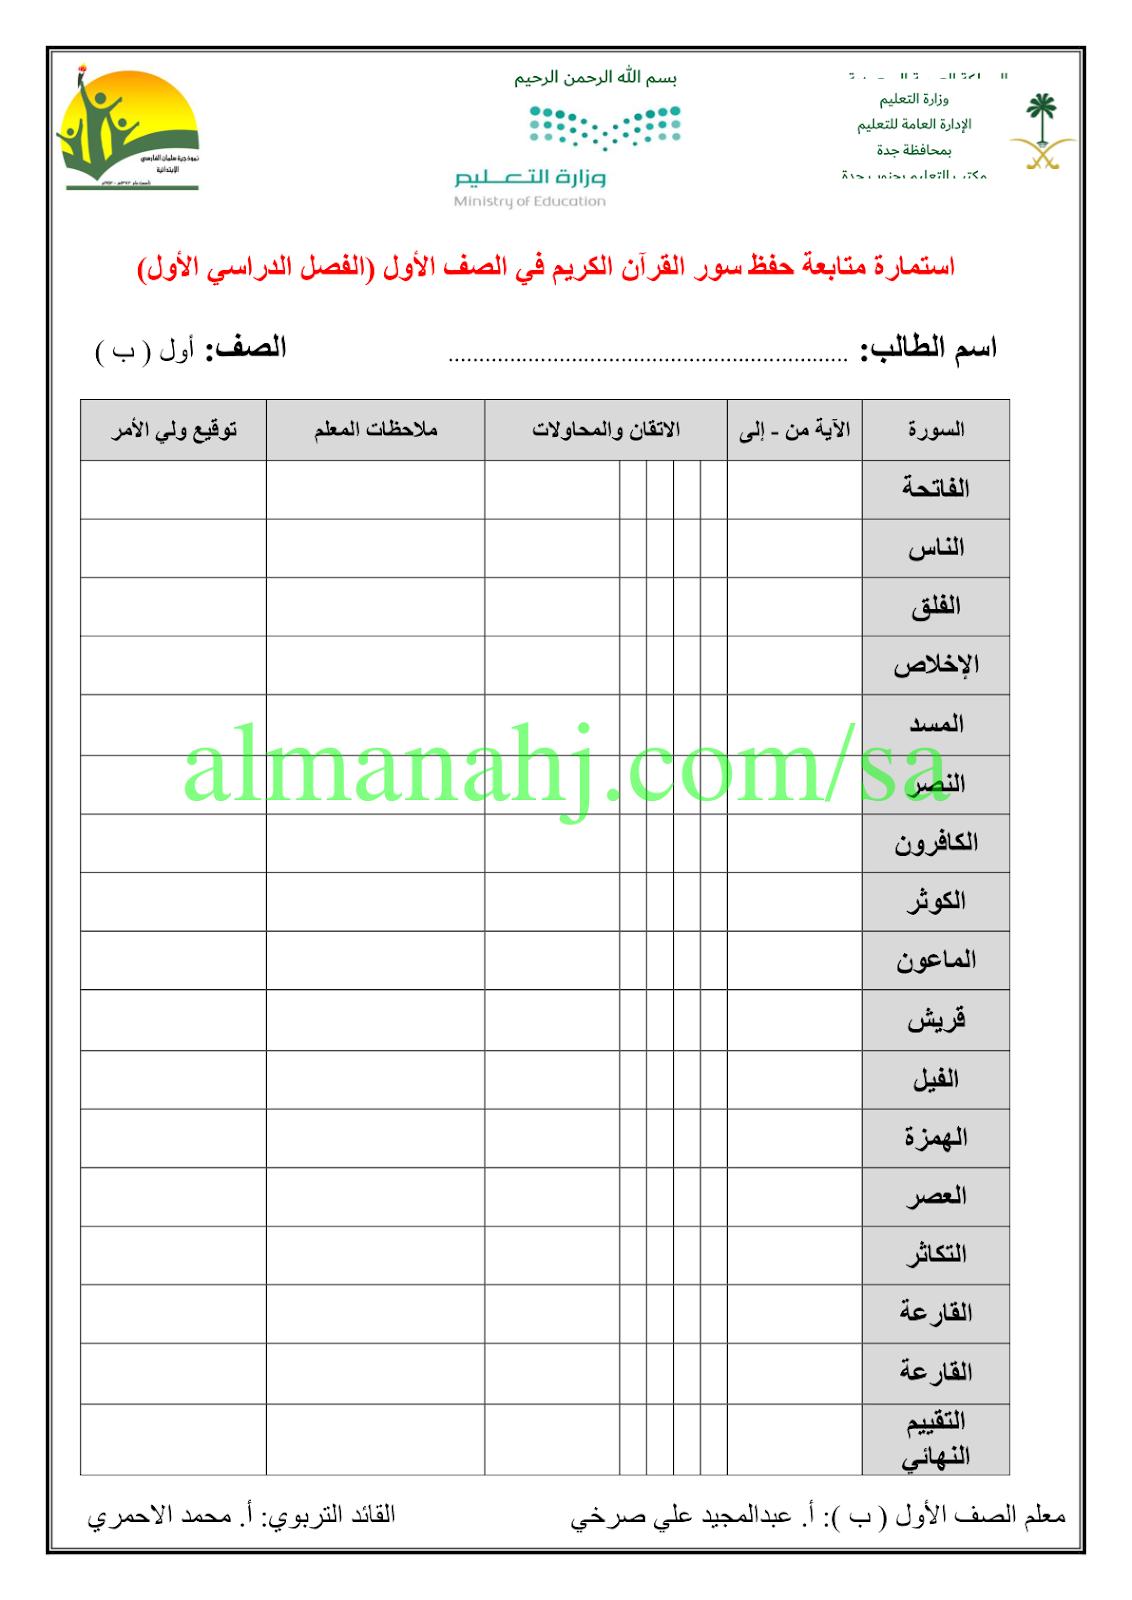 استمارة متابعة حفظ سور القرآن الكريم الصف الأول القرآن الكريم